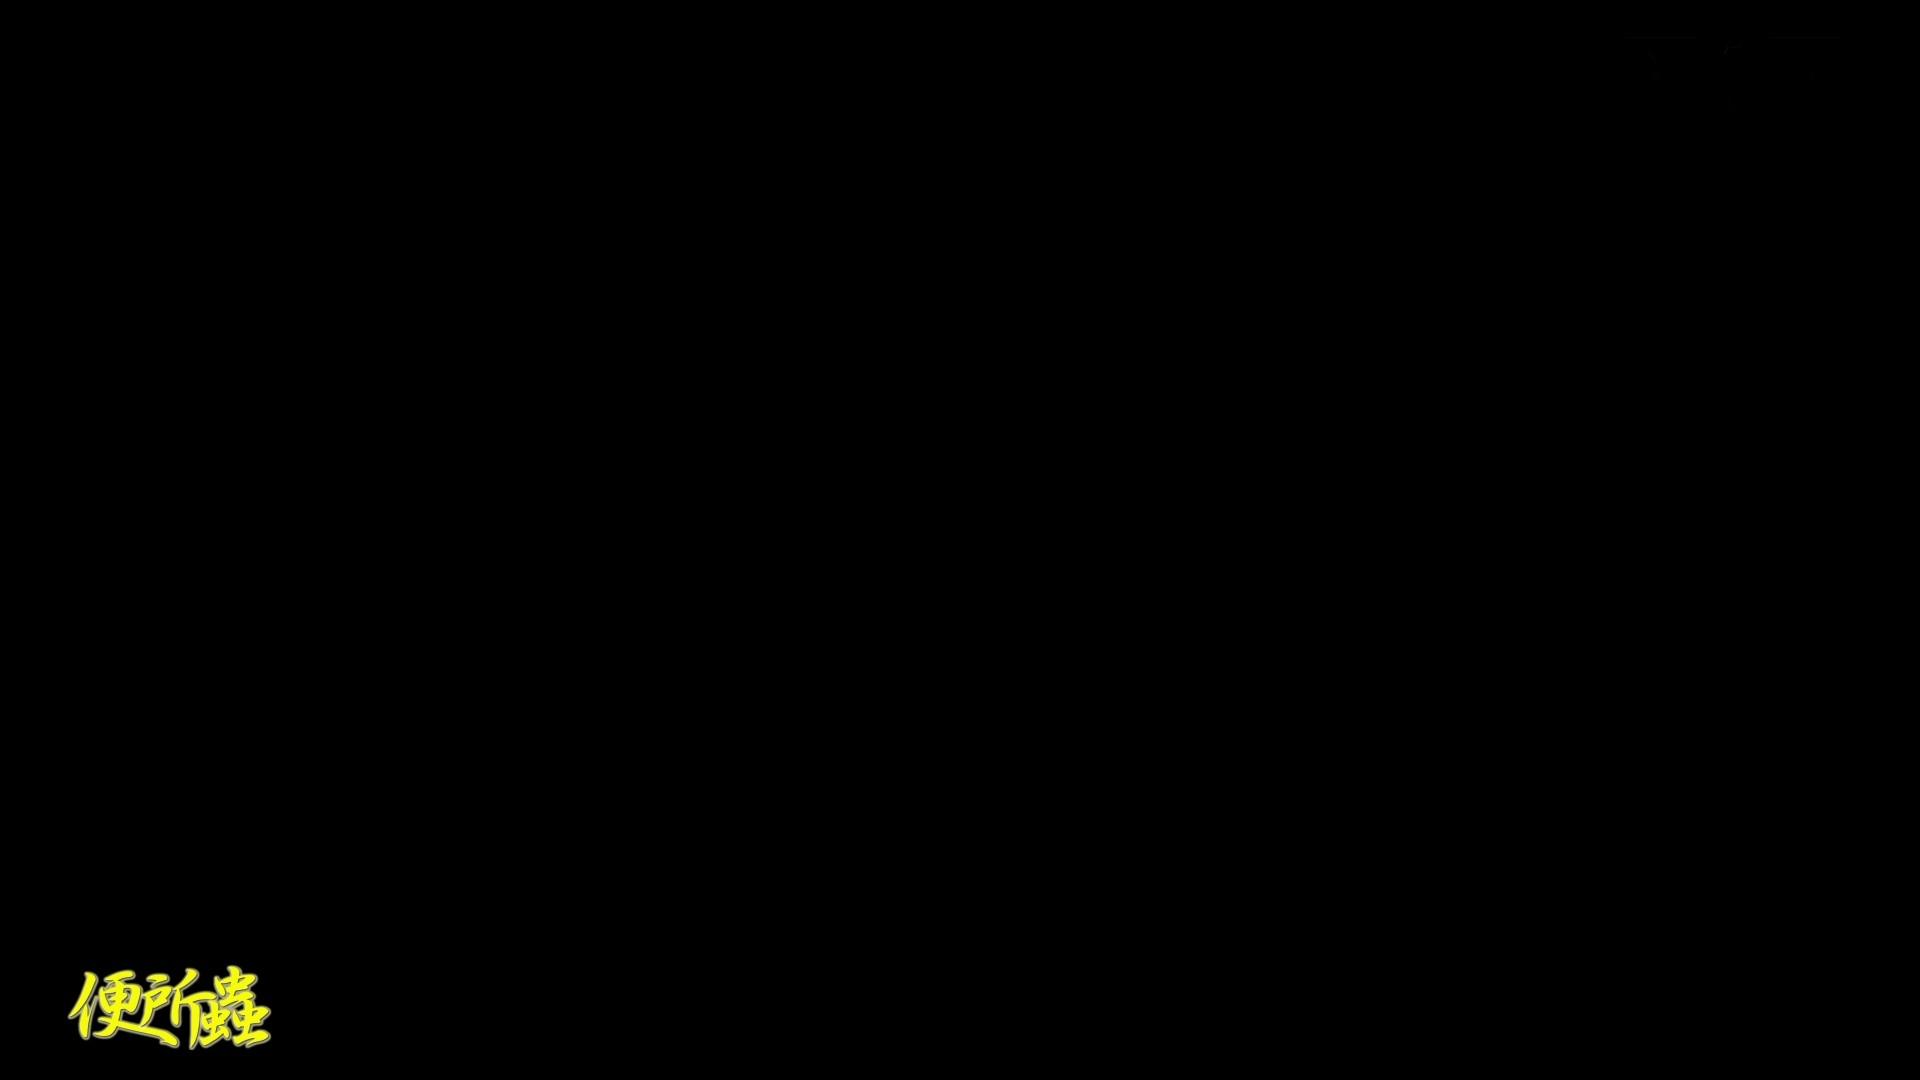 ▲2017_21位▲ 洗面所vol.19便所蟲さんのリターン~洗面所盗撮~ 盗撮 エロ画像 87pic 52